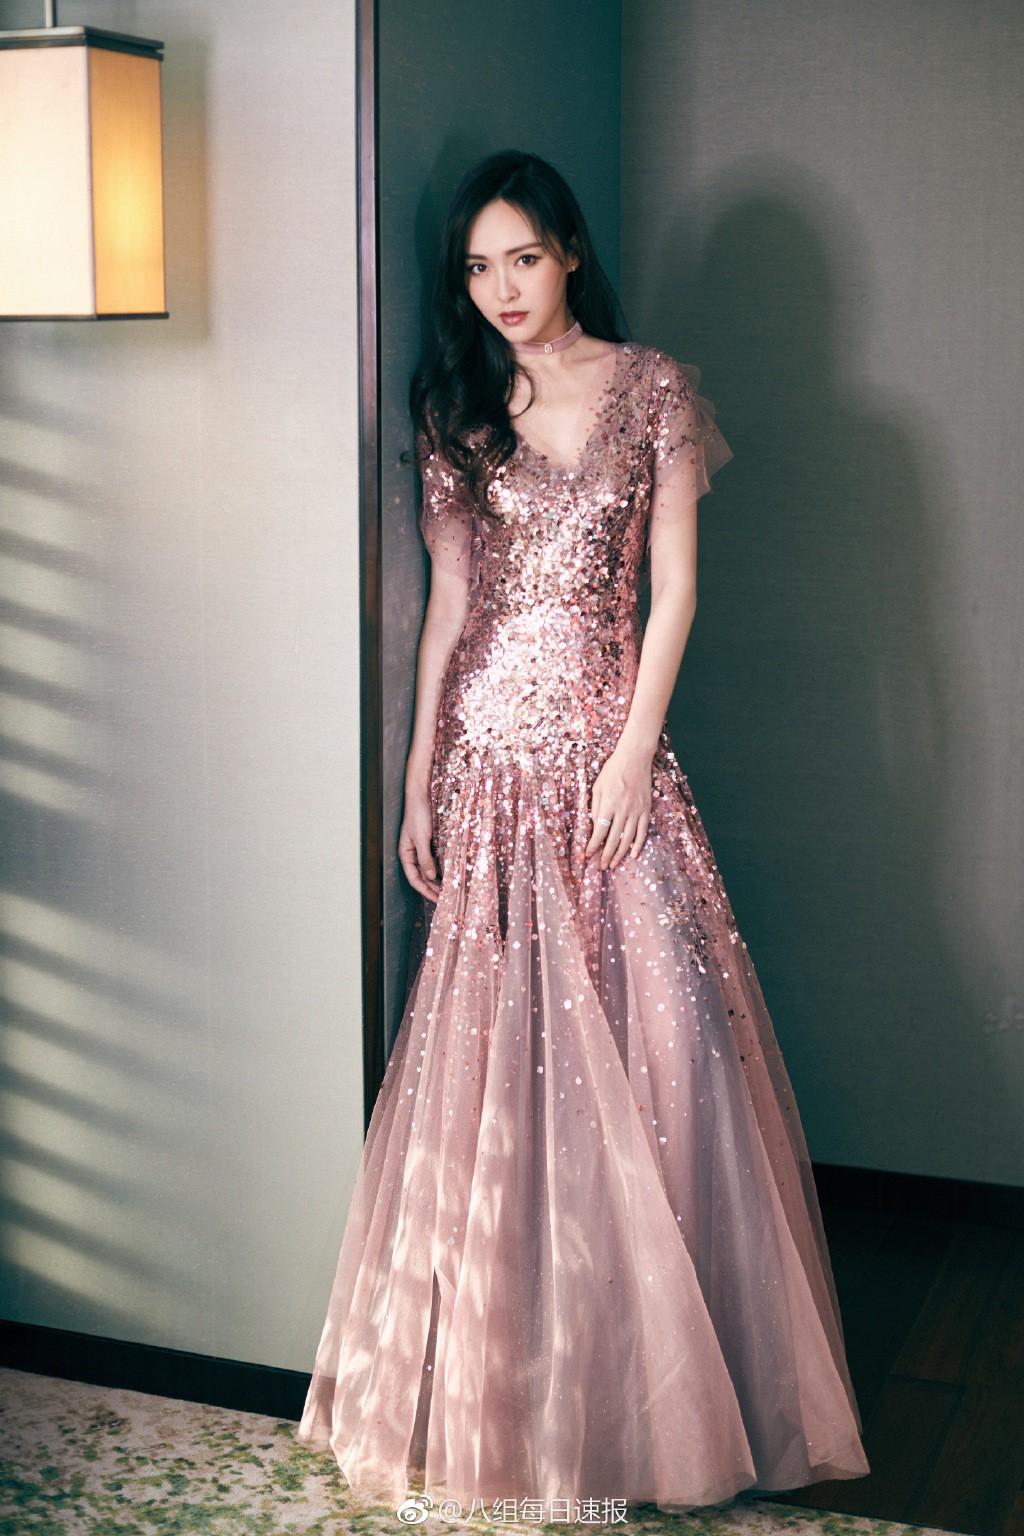 Thảm đỏ Marie Claire: Đường Yên chiếm sóng với chiếc váy đẹp xuất sắc, Lưu Diệc Phi kém sang hơn hẳn Dương Mịch - Angela Baby - Ảnh 5.